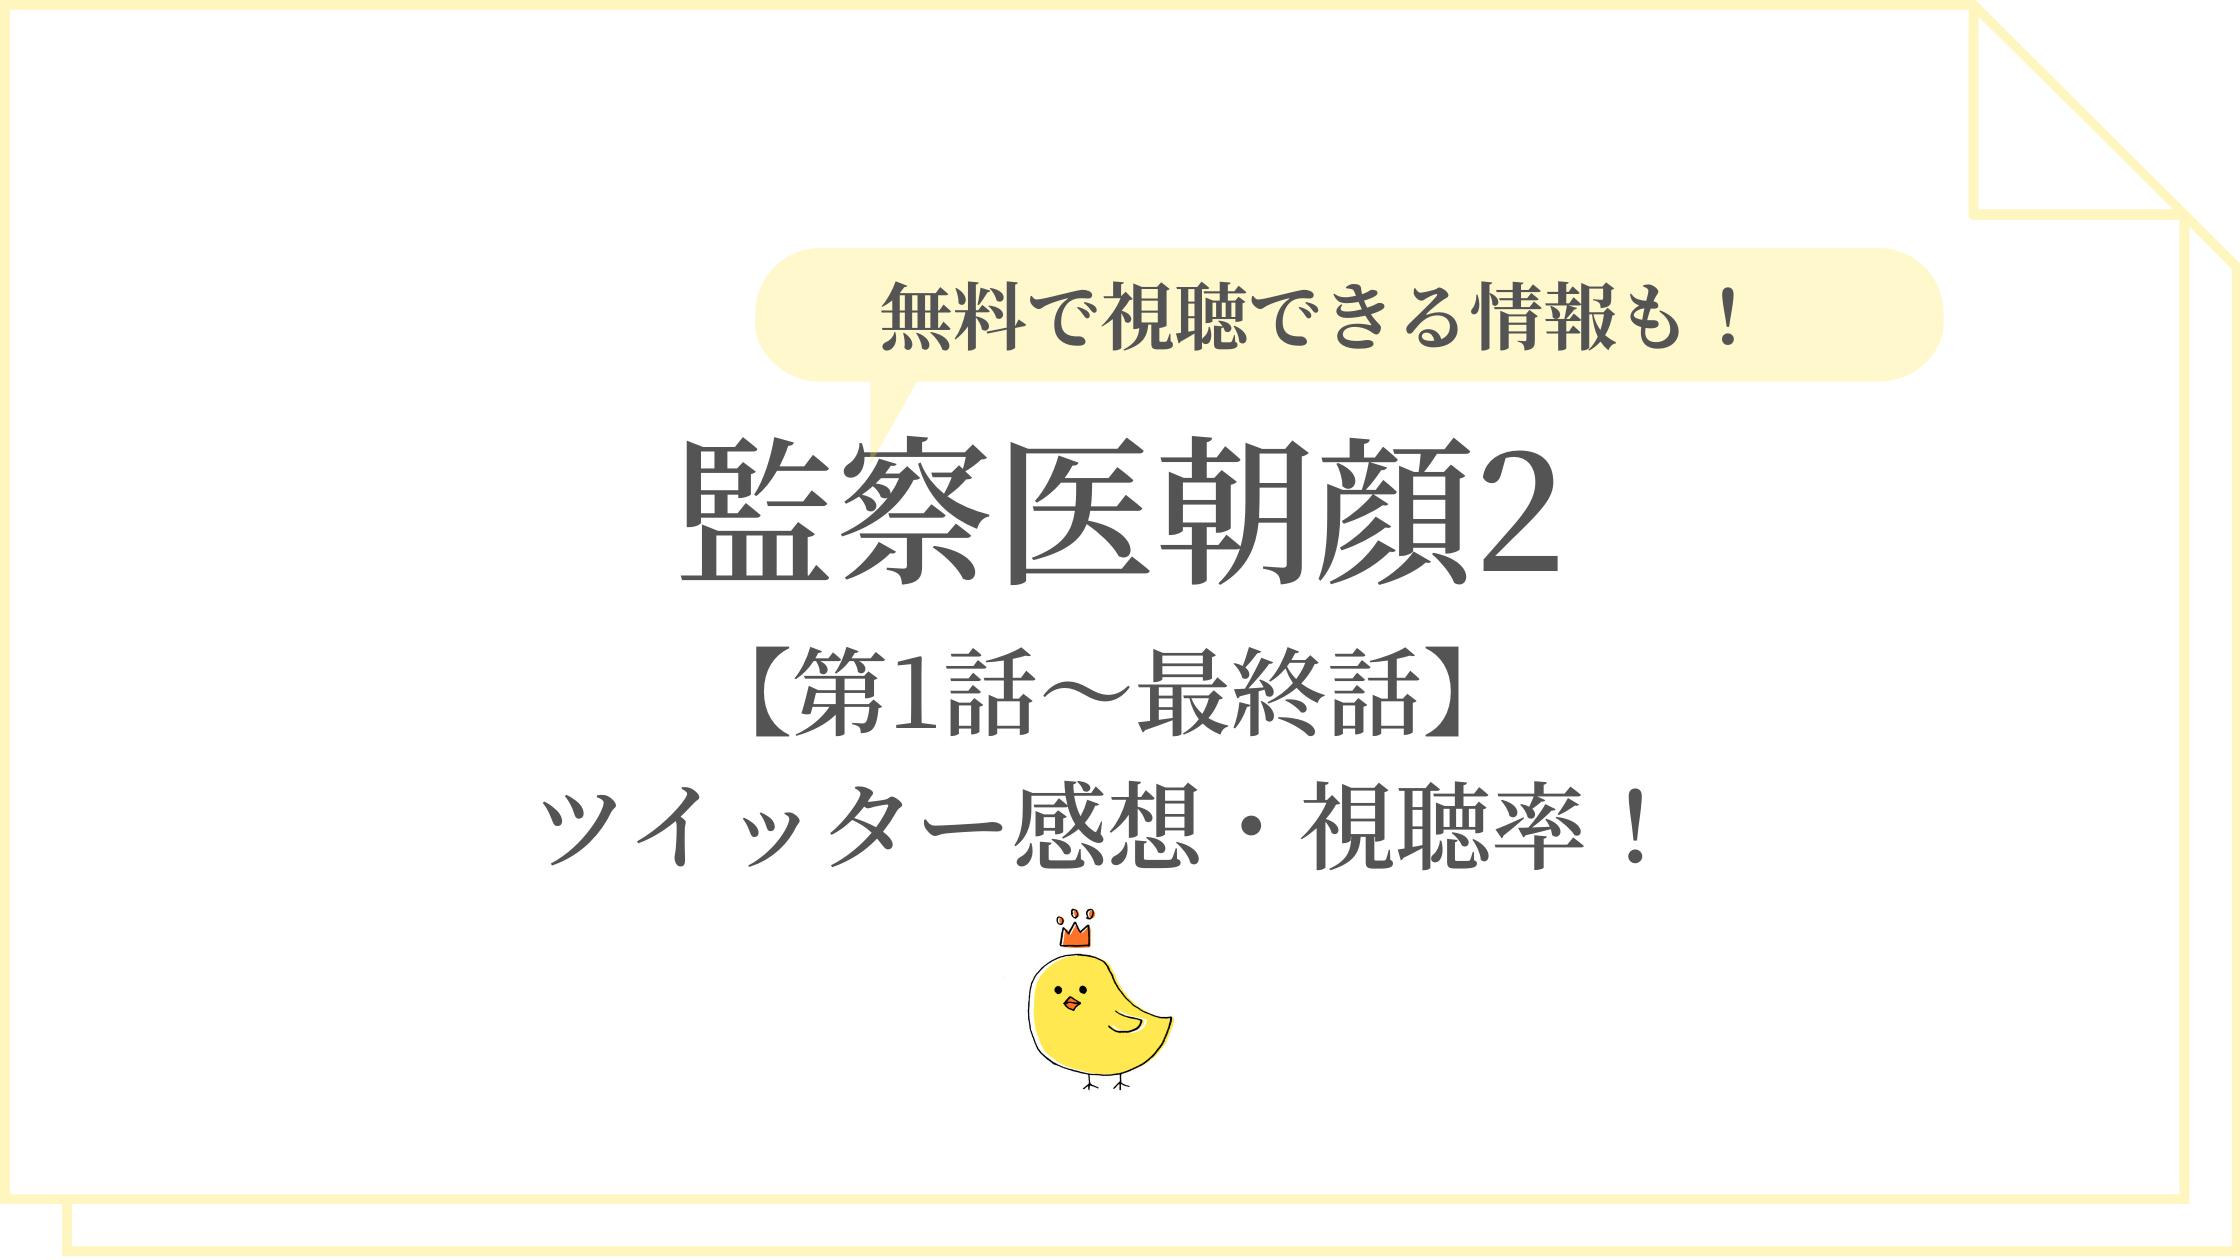 朝顔 主題 歌 歌詞 折坂悠太 朝顔 歌詞 - 歌ネット - UTA-NET